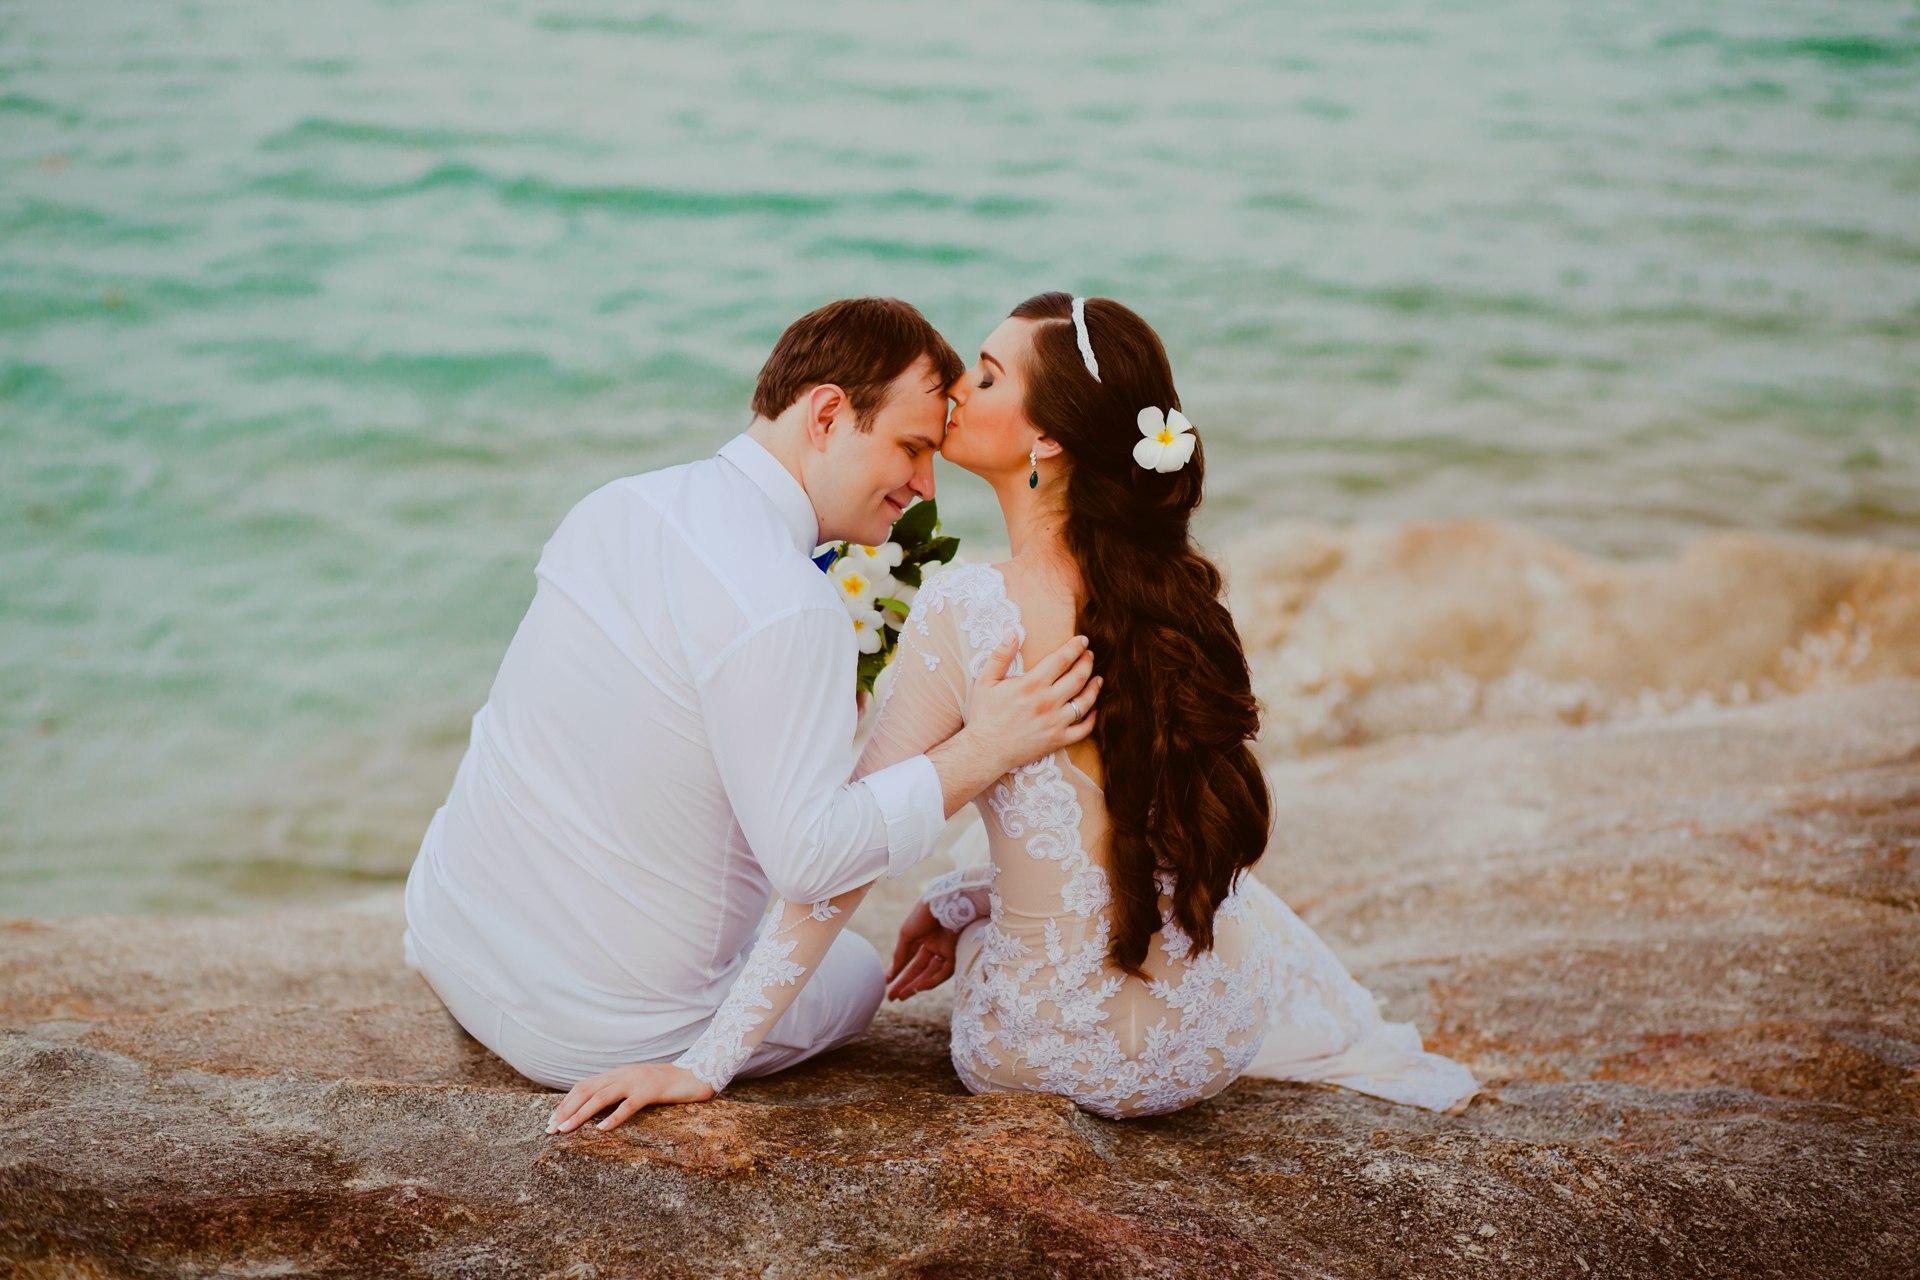 qnZApXK7YQE - 10 правил спокойной невесты